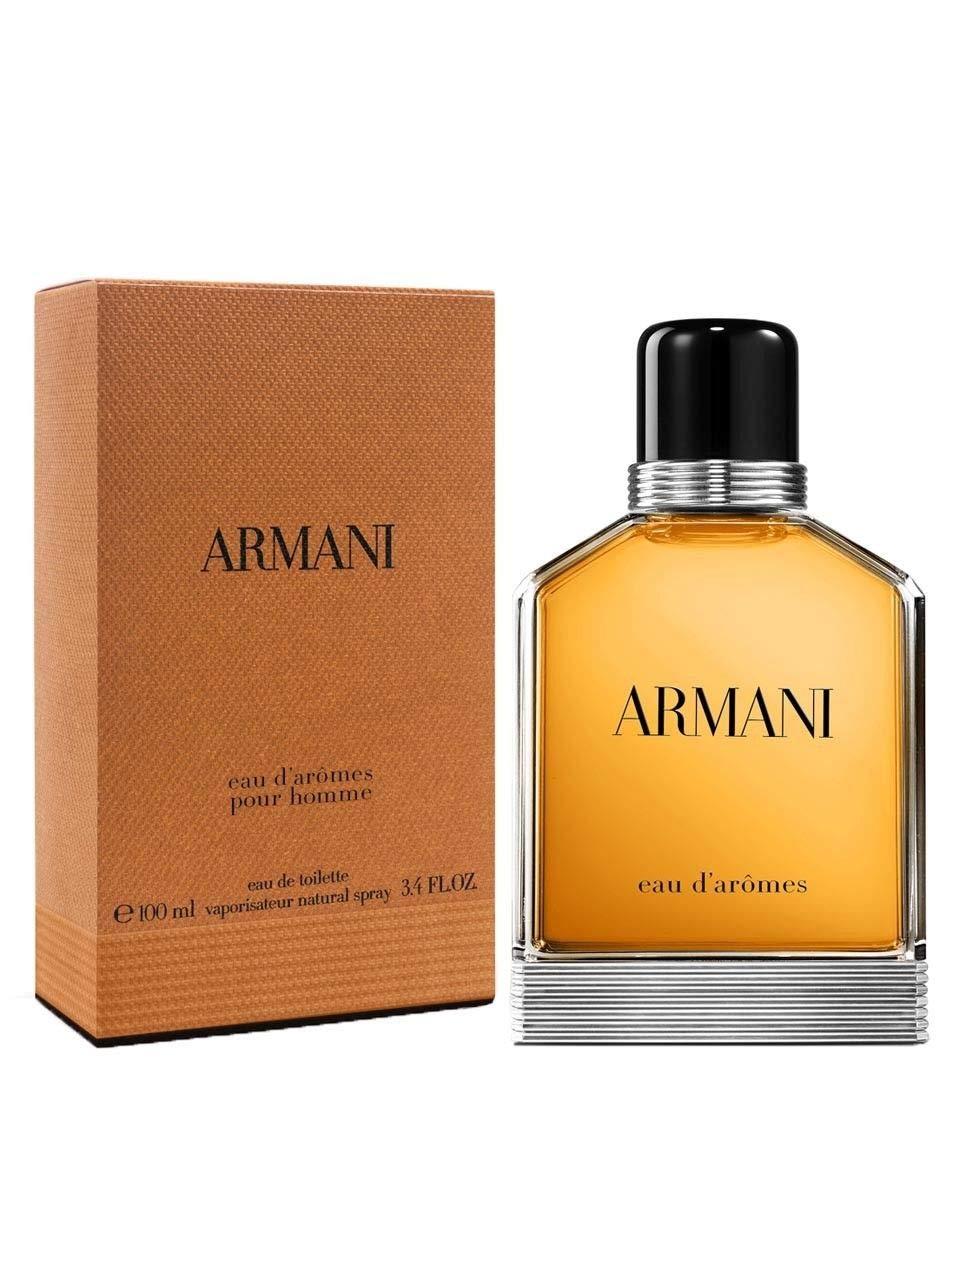 Giorgîo Ârmani Eau D'Aromes Perfume For Men Eau De Toilette Cologne 3.4 FL. OZ./100 ml